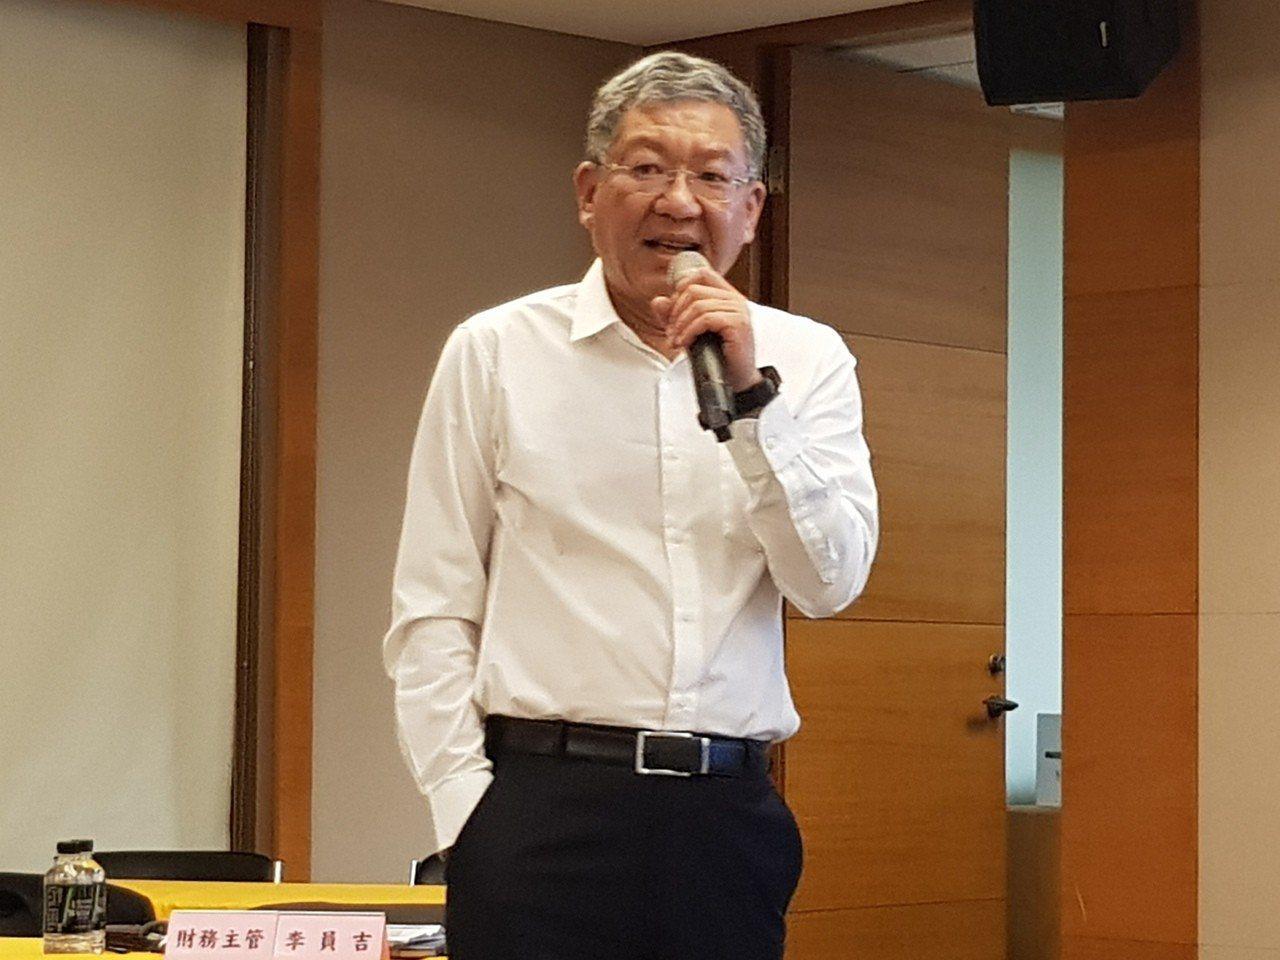 華豐總經理王嶠奇。 記者曾仁凱/攝影